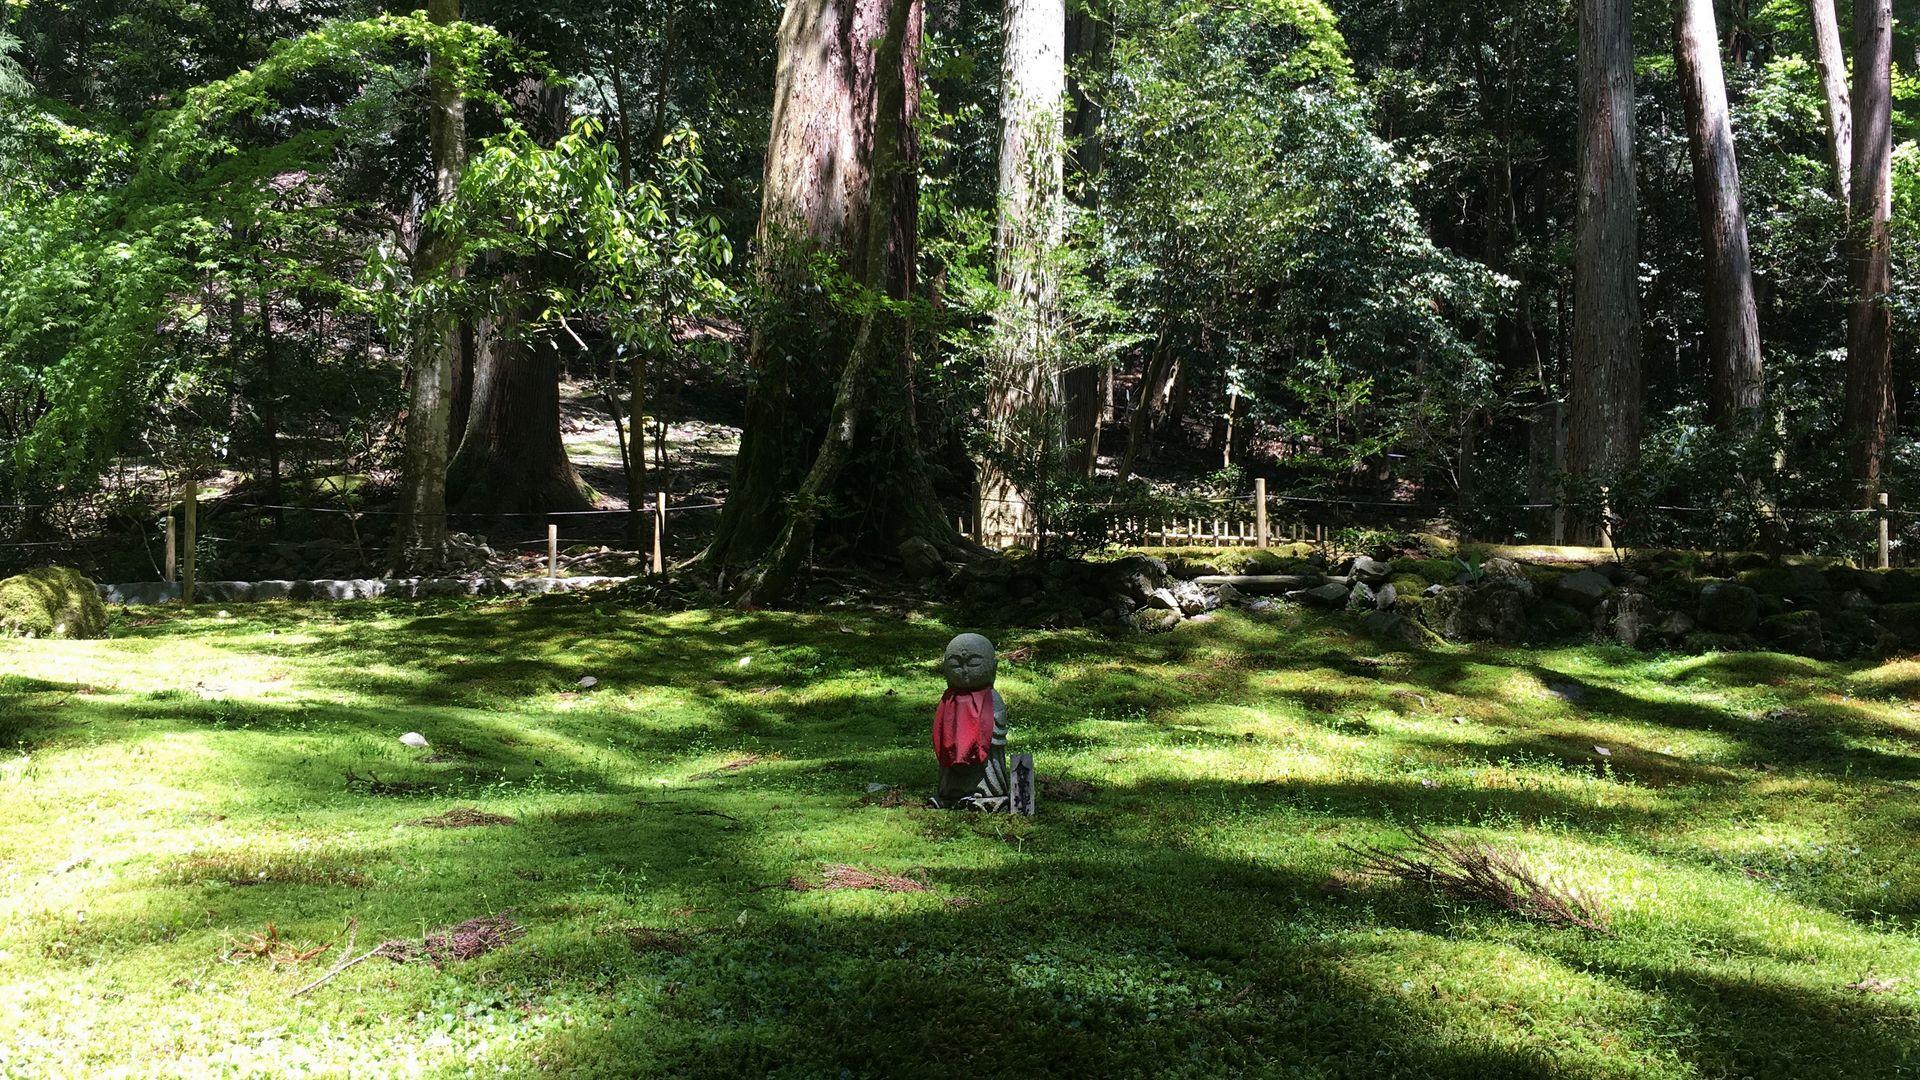 寂光院-苔の庭園にひっそり佇む地蔵菩薩